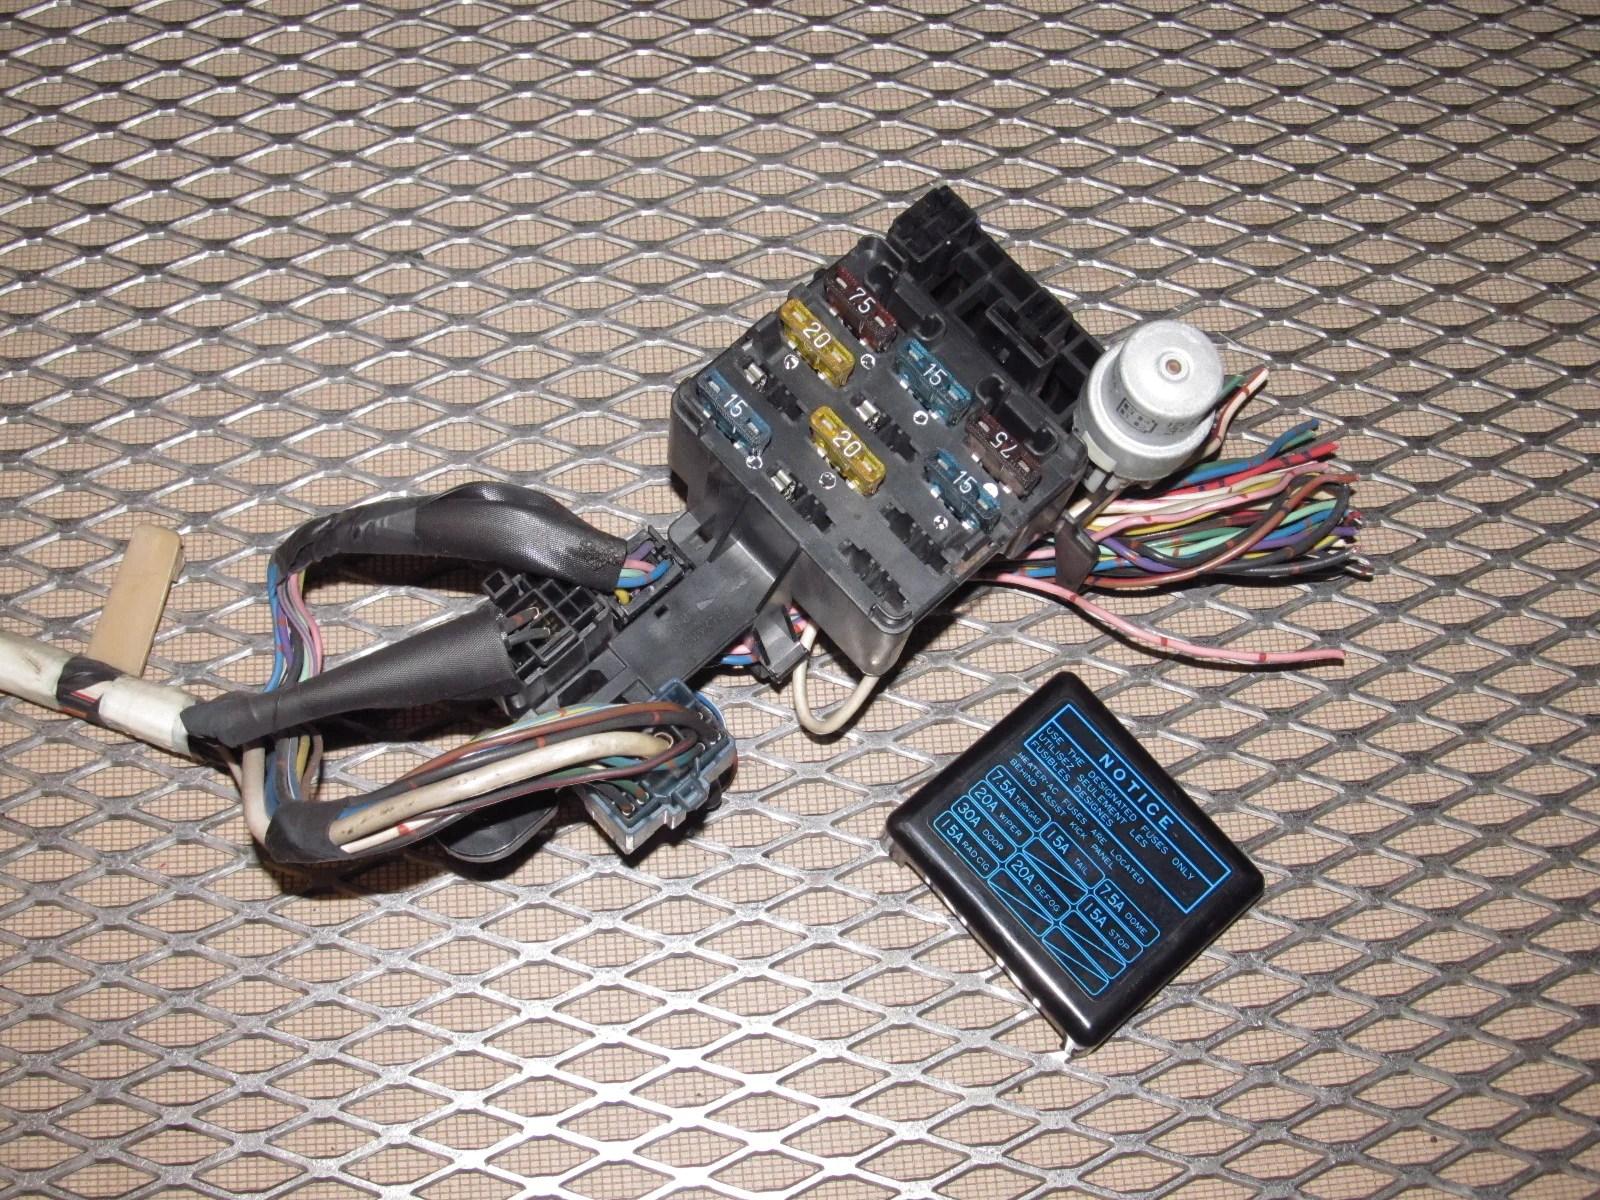 87 88 89 toyota mr2 oem interior dash fuse box  [ 1600 x 1200 Pixel ]